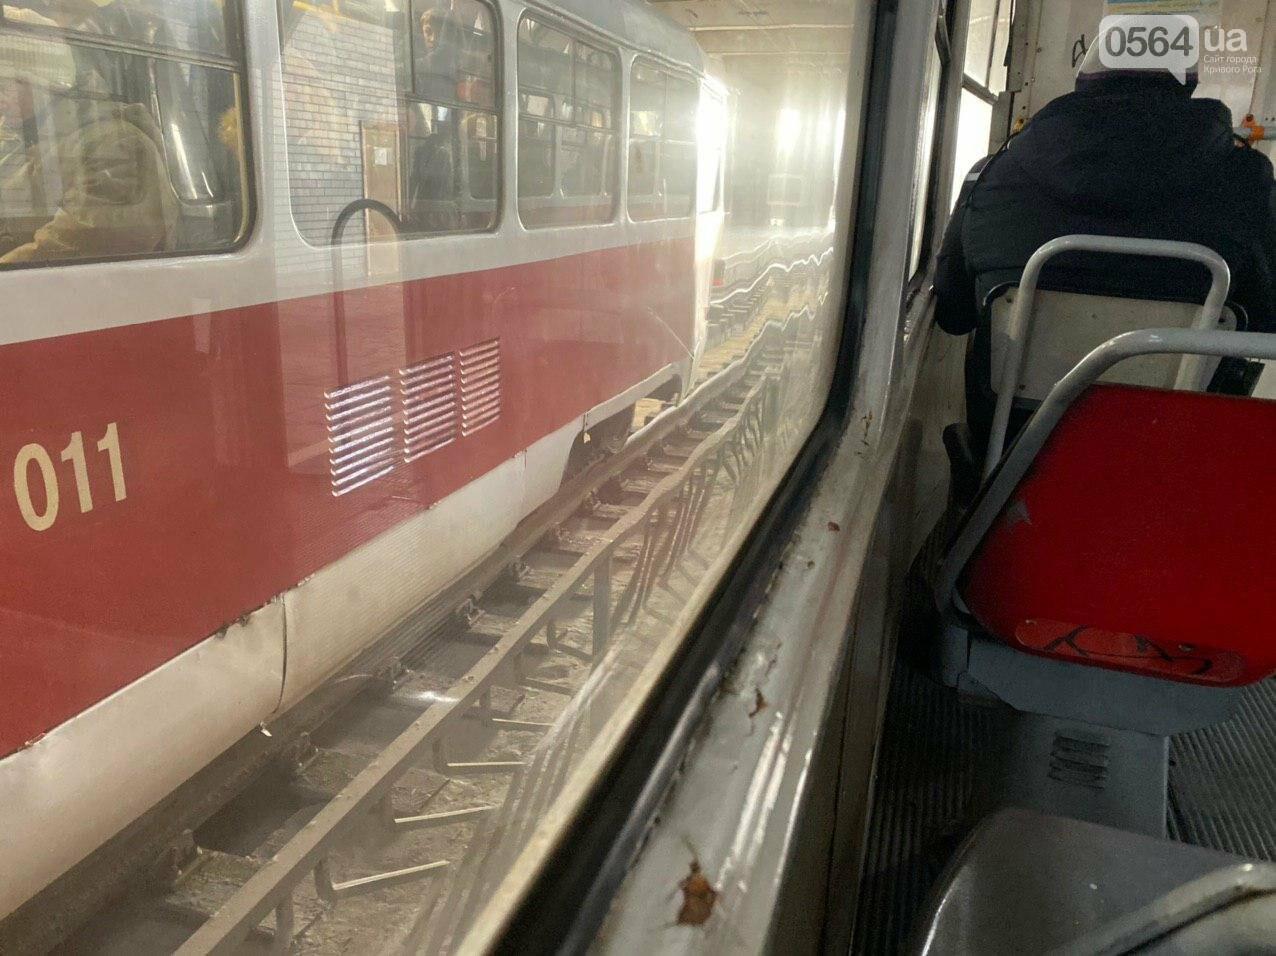 В Кривом Роге полностью остановилось движение скоростного трамвая, - ФОТО , фото-8